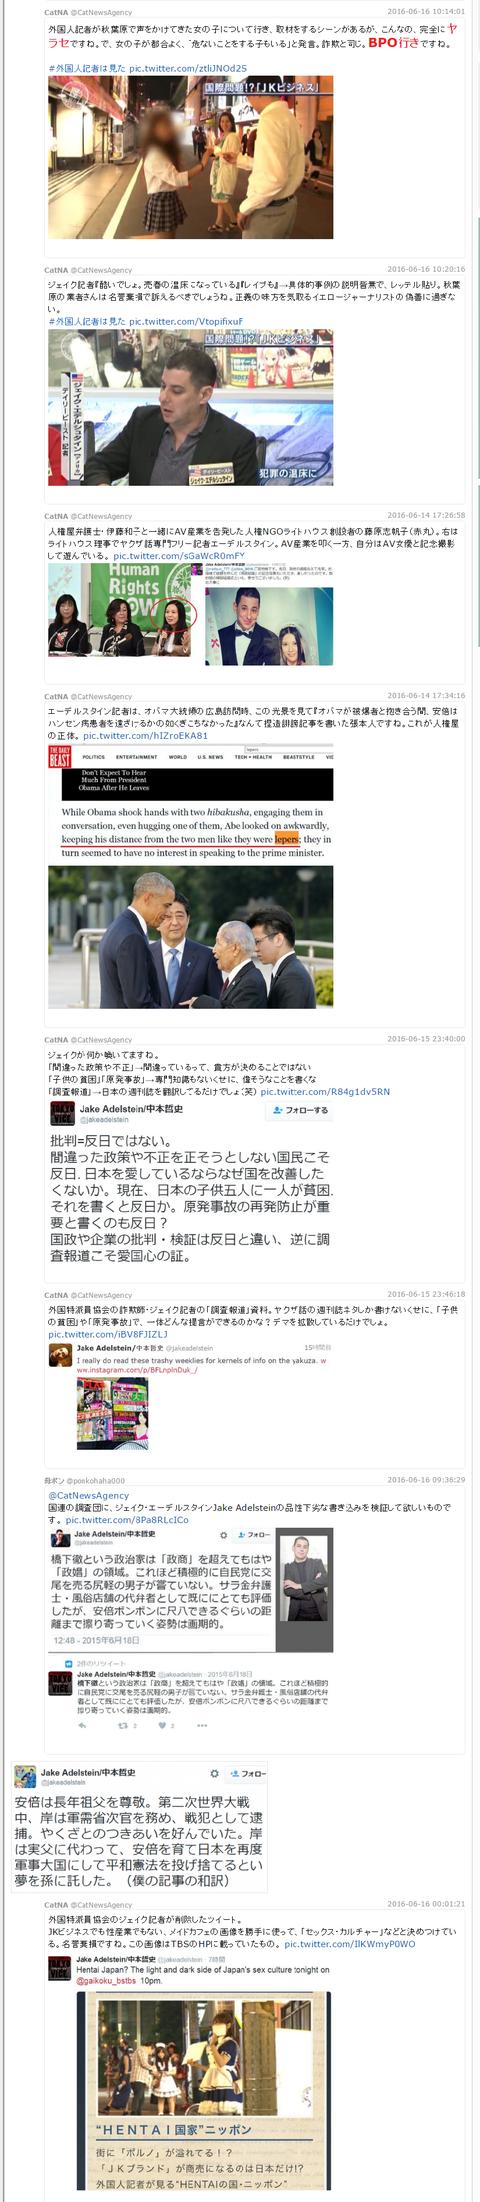 外国人記者は見た『HENTAI国家ニッポン』を検証します22222